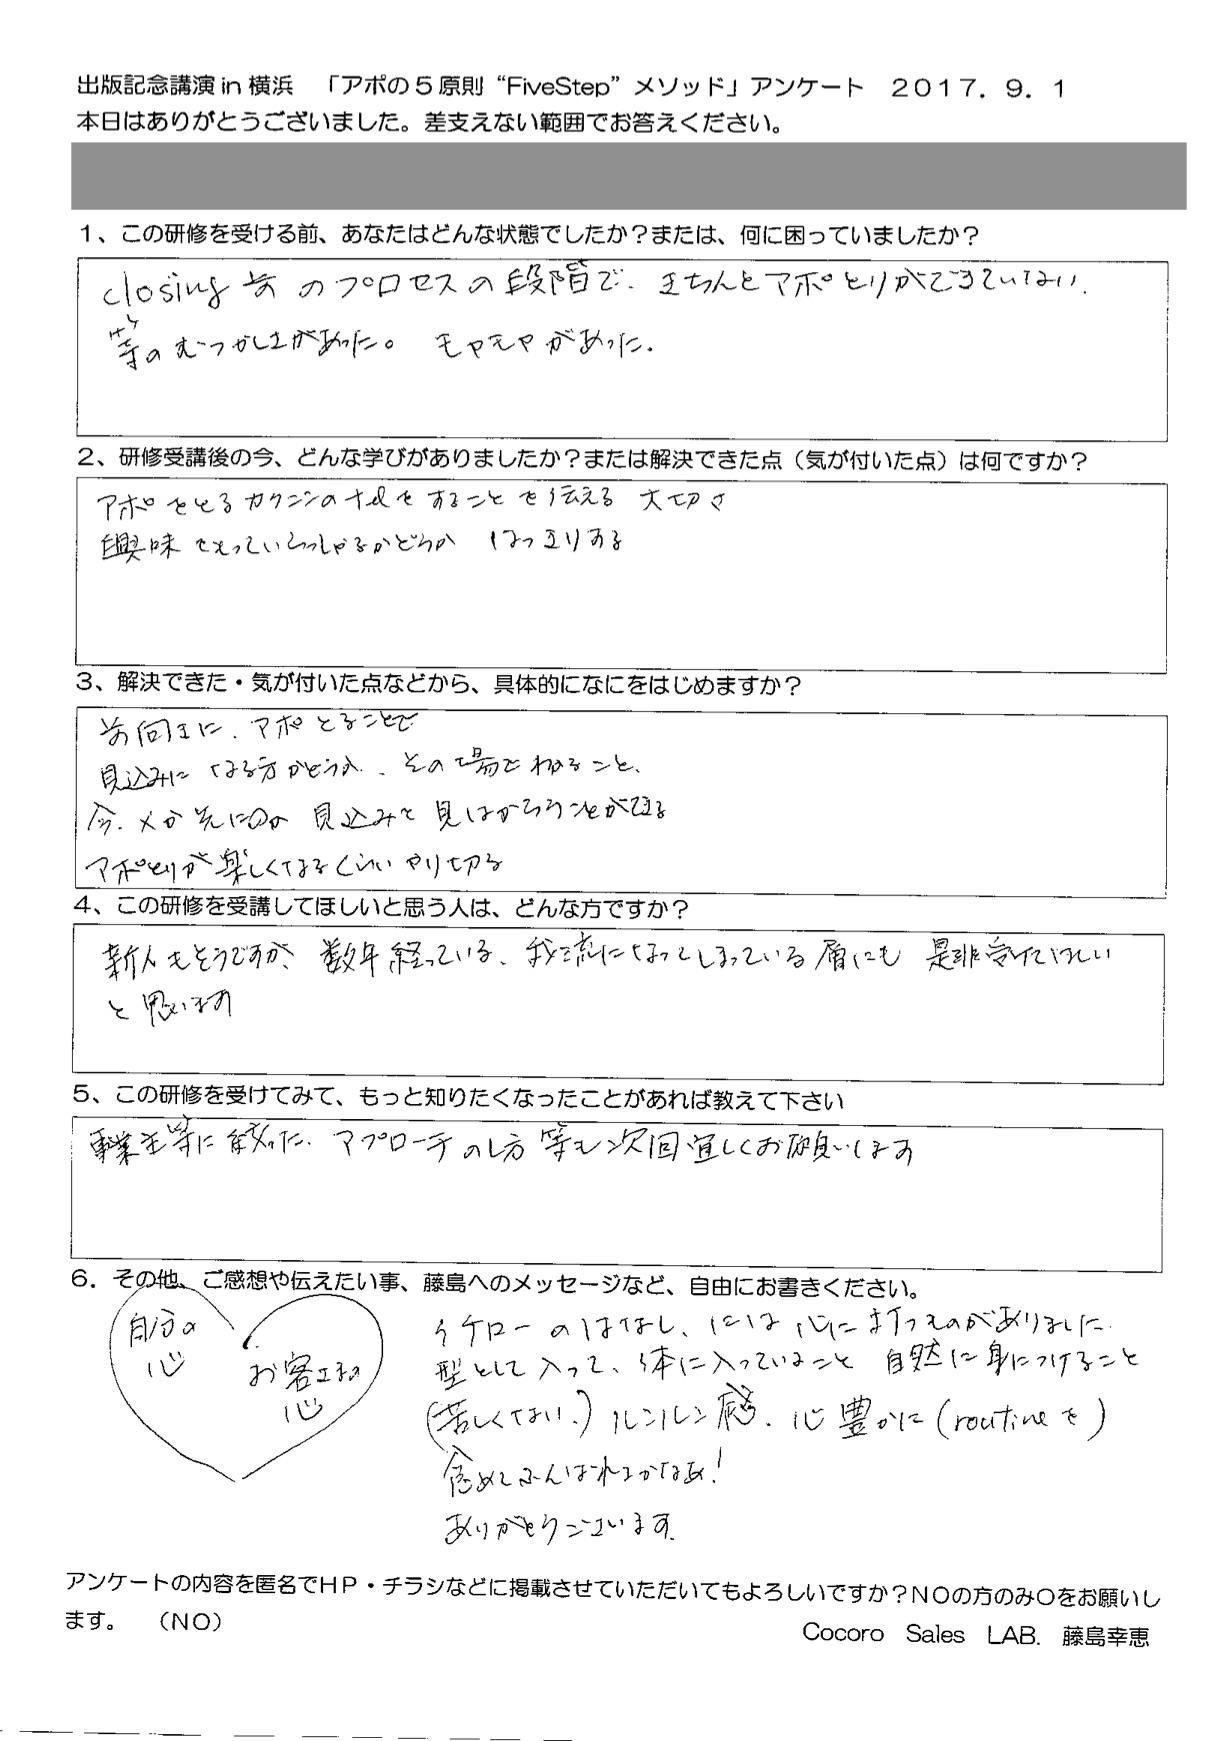 「アポの5原則」アンケート1